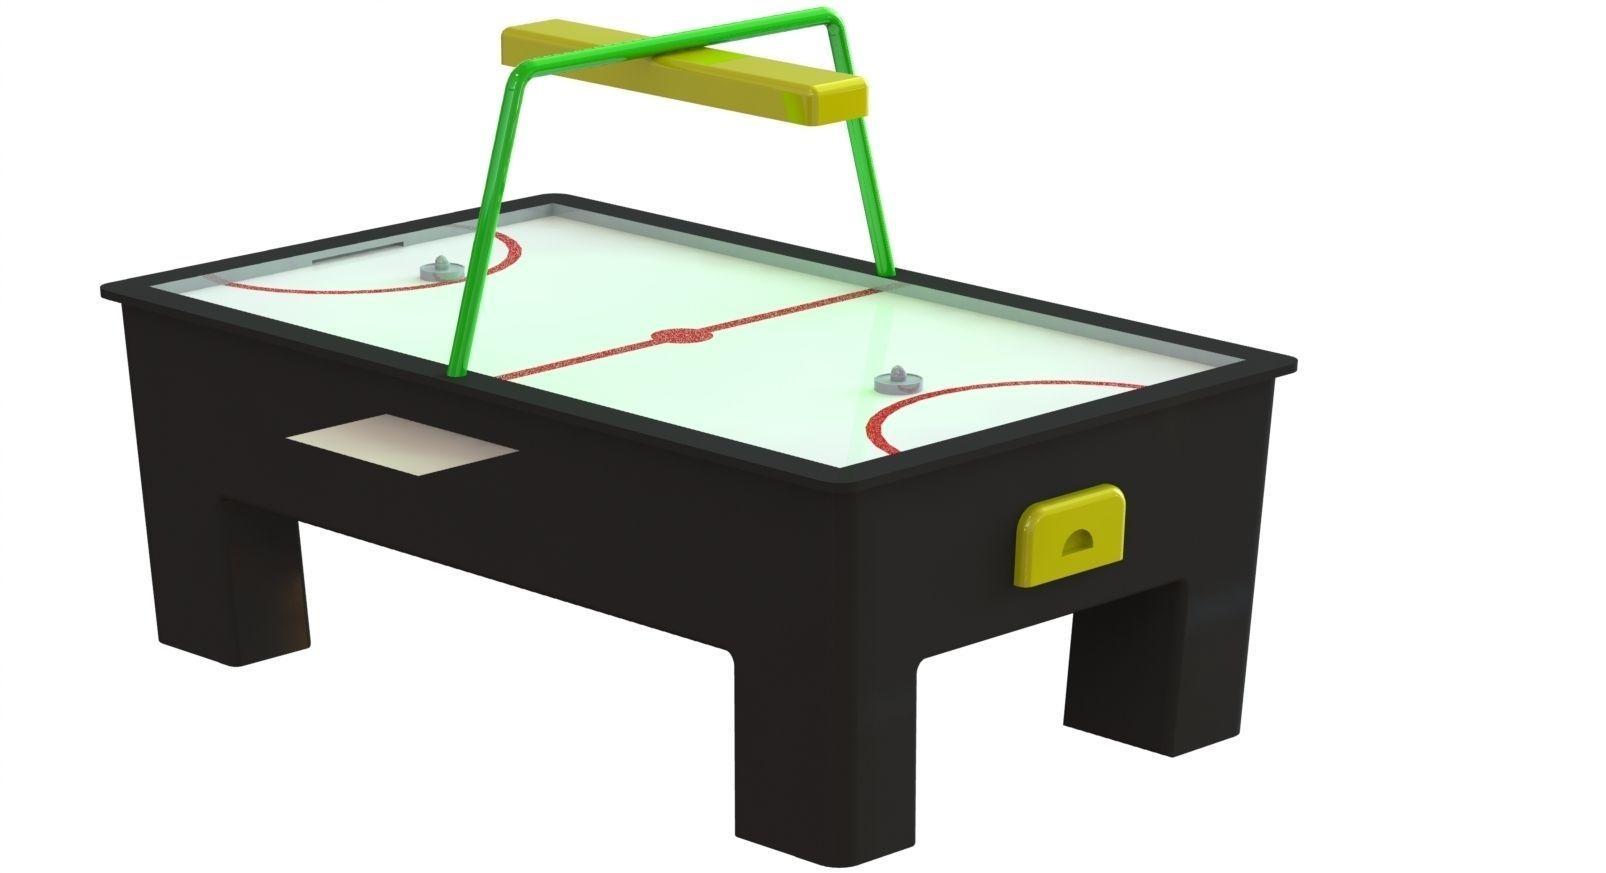 air hockey table 3d model stl dwg sldprt sldasm slddrw 1 - Air Hockey Tables